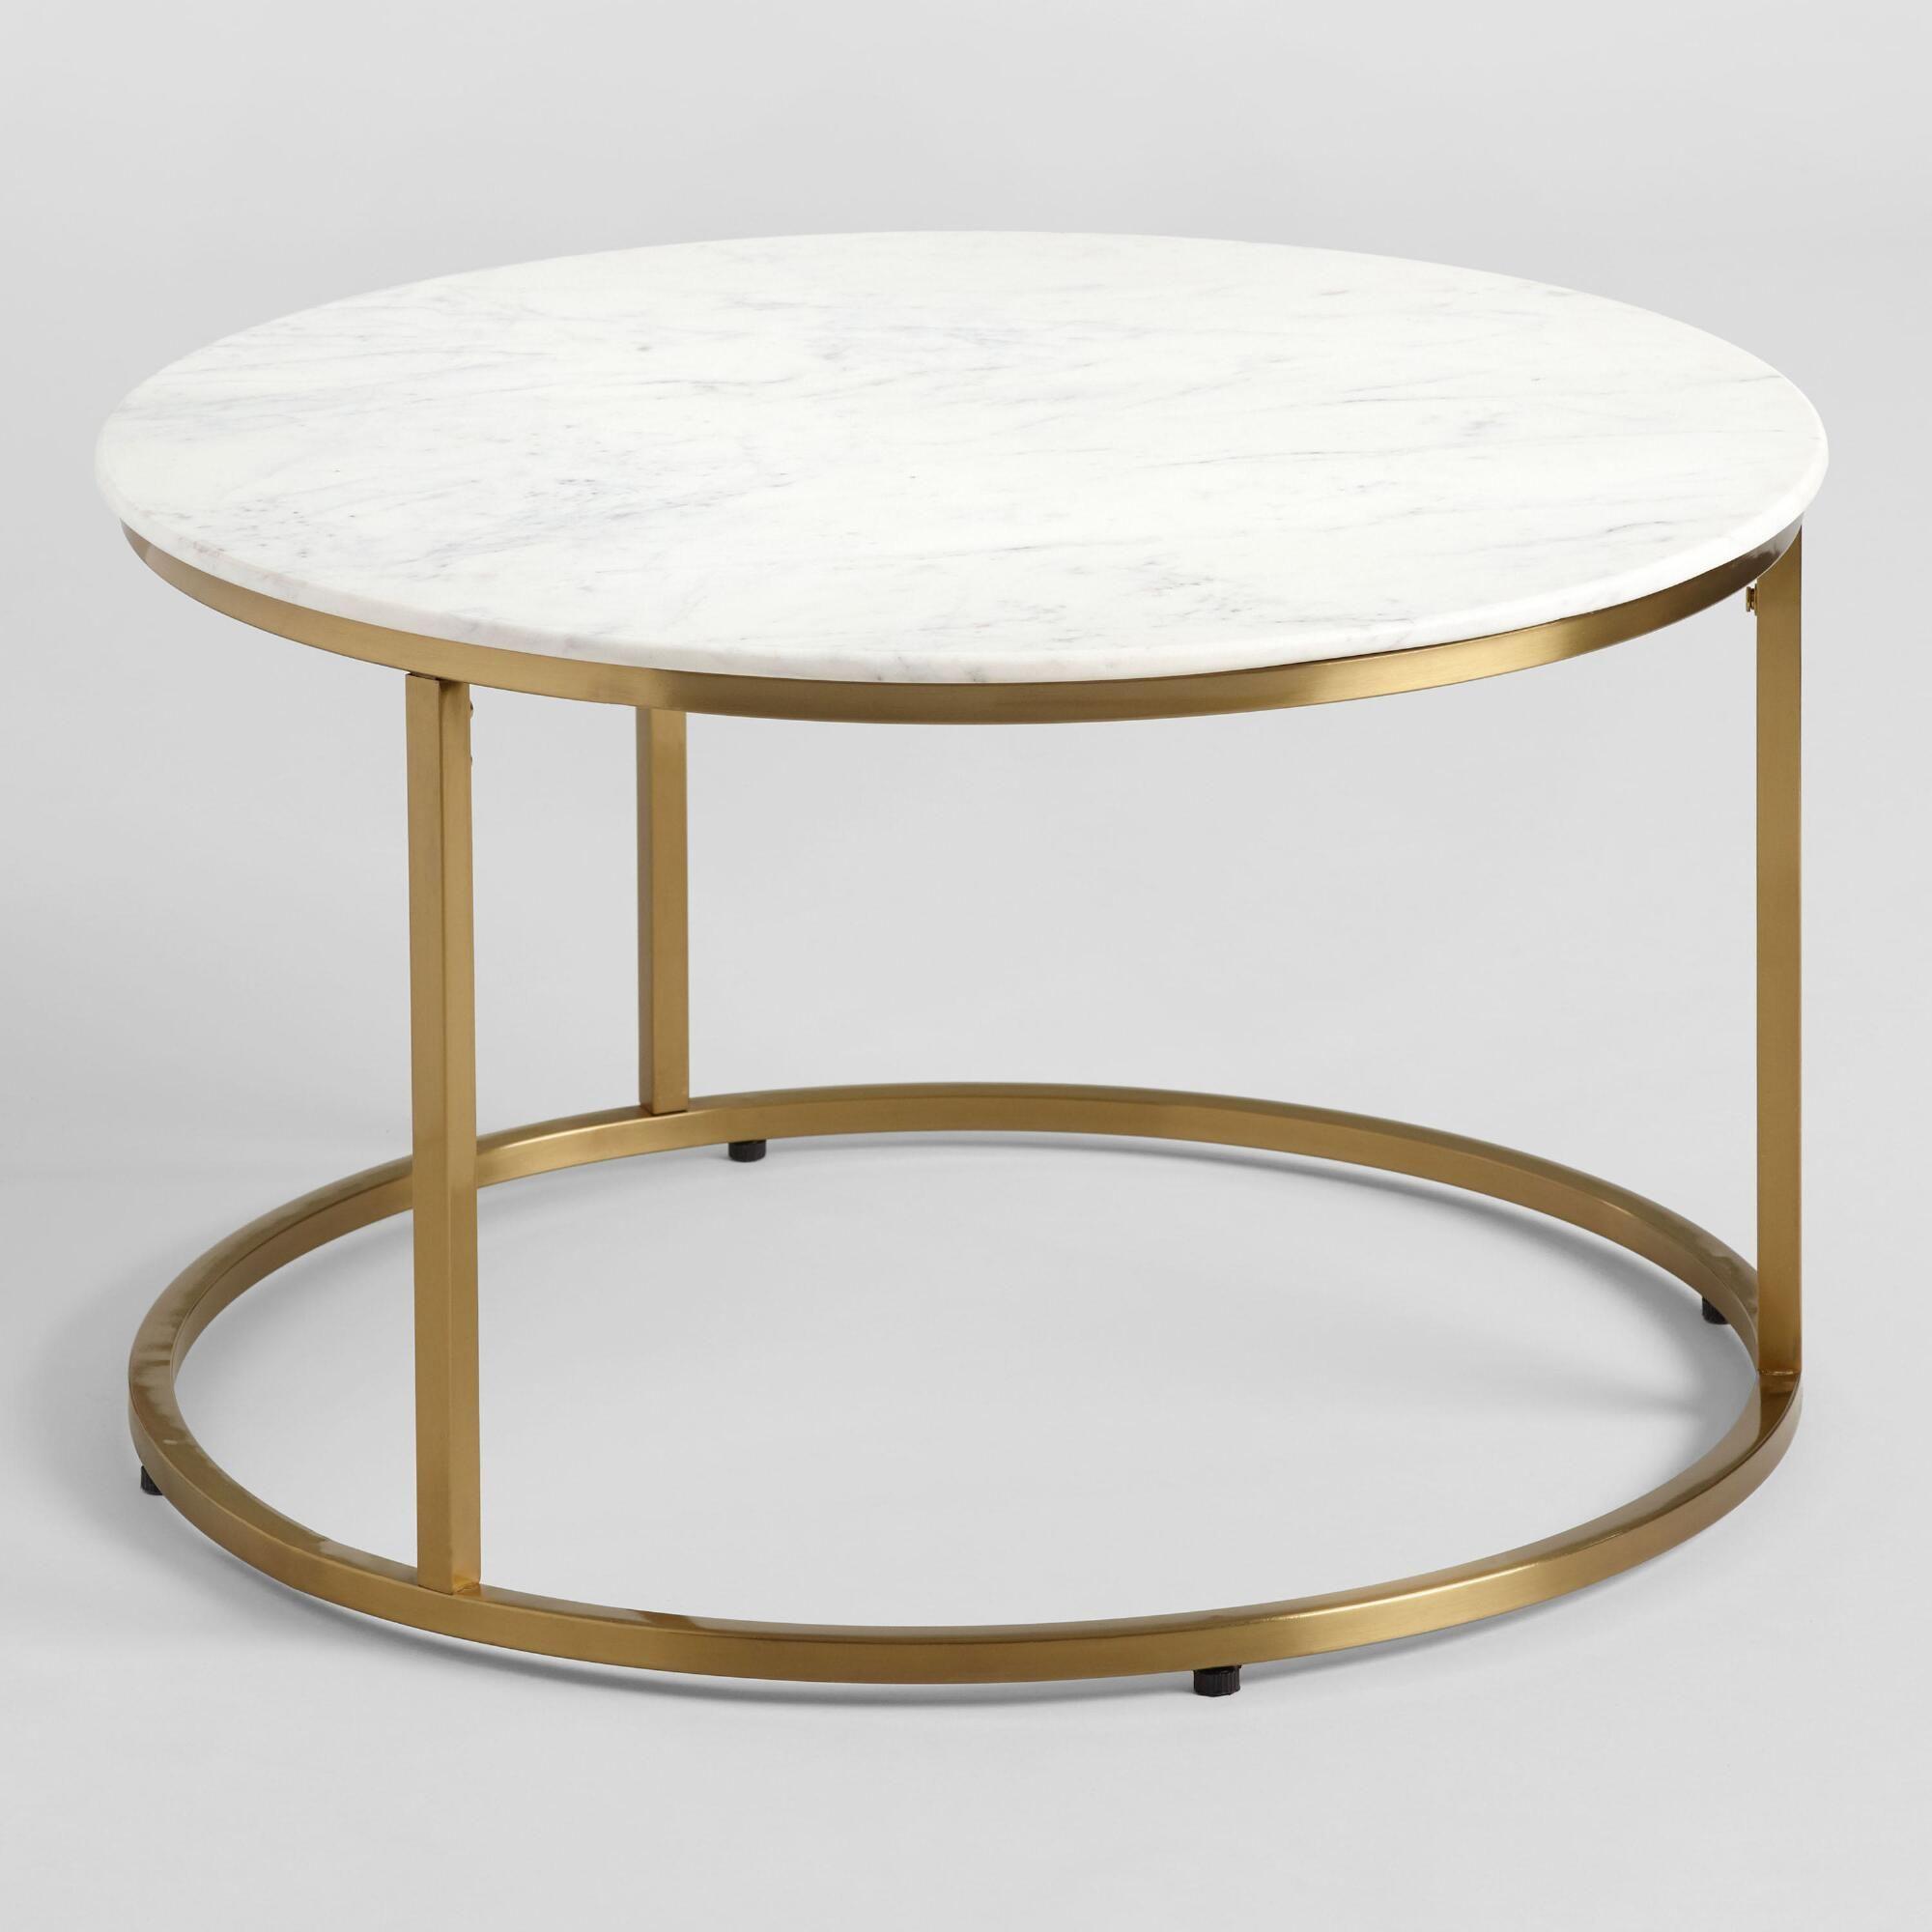 Round White Marble Milan Coffee Table World Market Coffee Table Gold Coffee Table Marble Round Coffee Table [ 2000 x 2000 Pixel ]